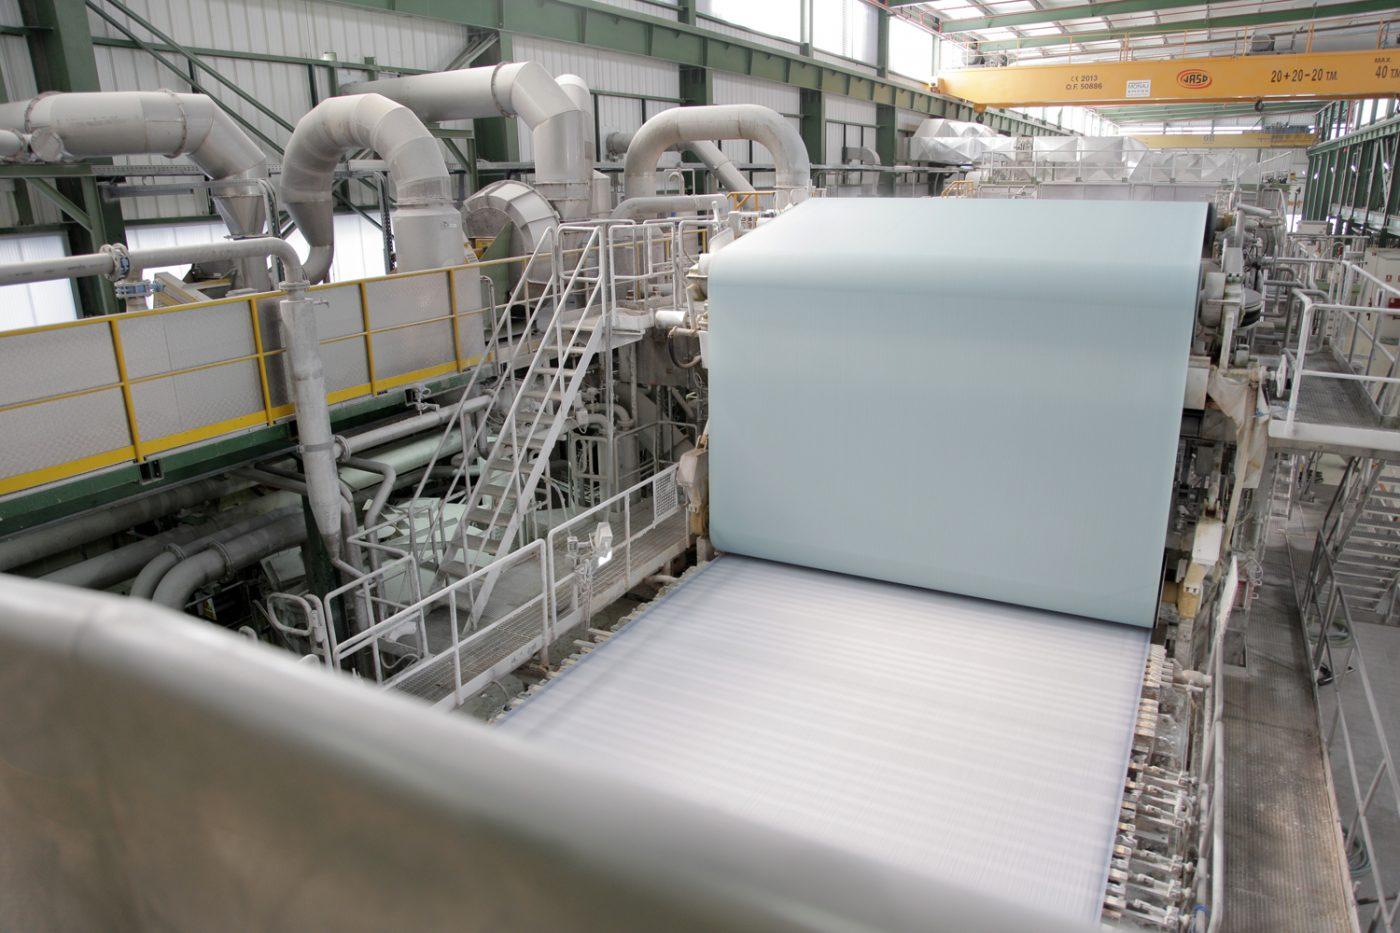 La industria europea papelera cumple sus compromisos de reducción de emisiones y reciclaje